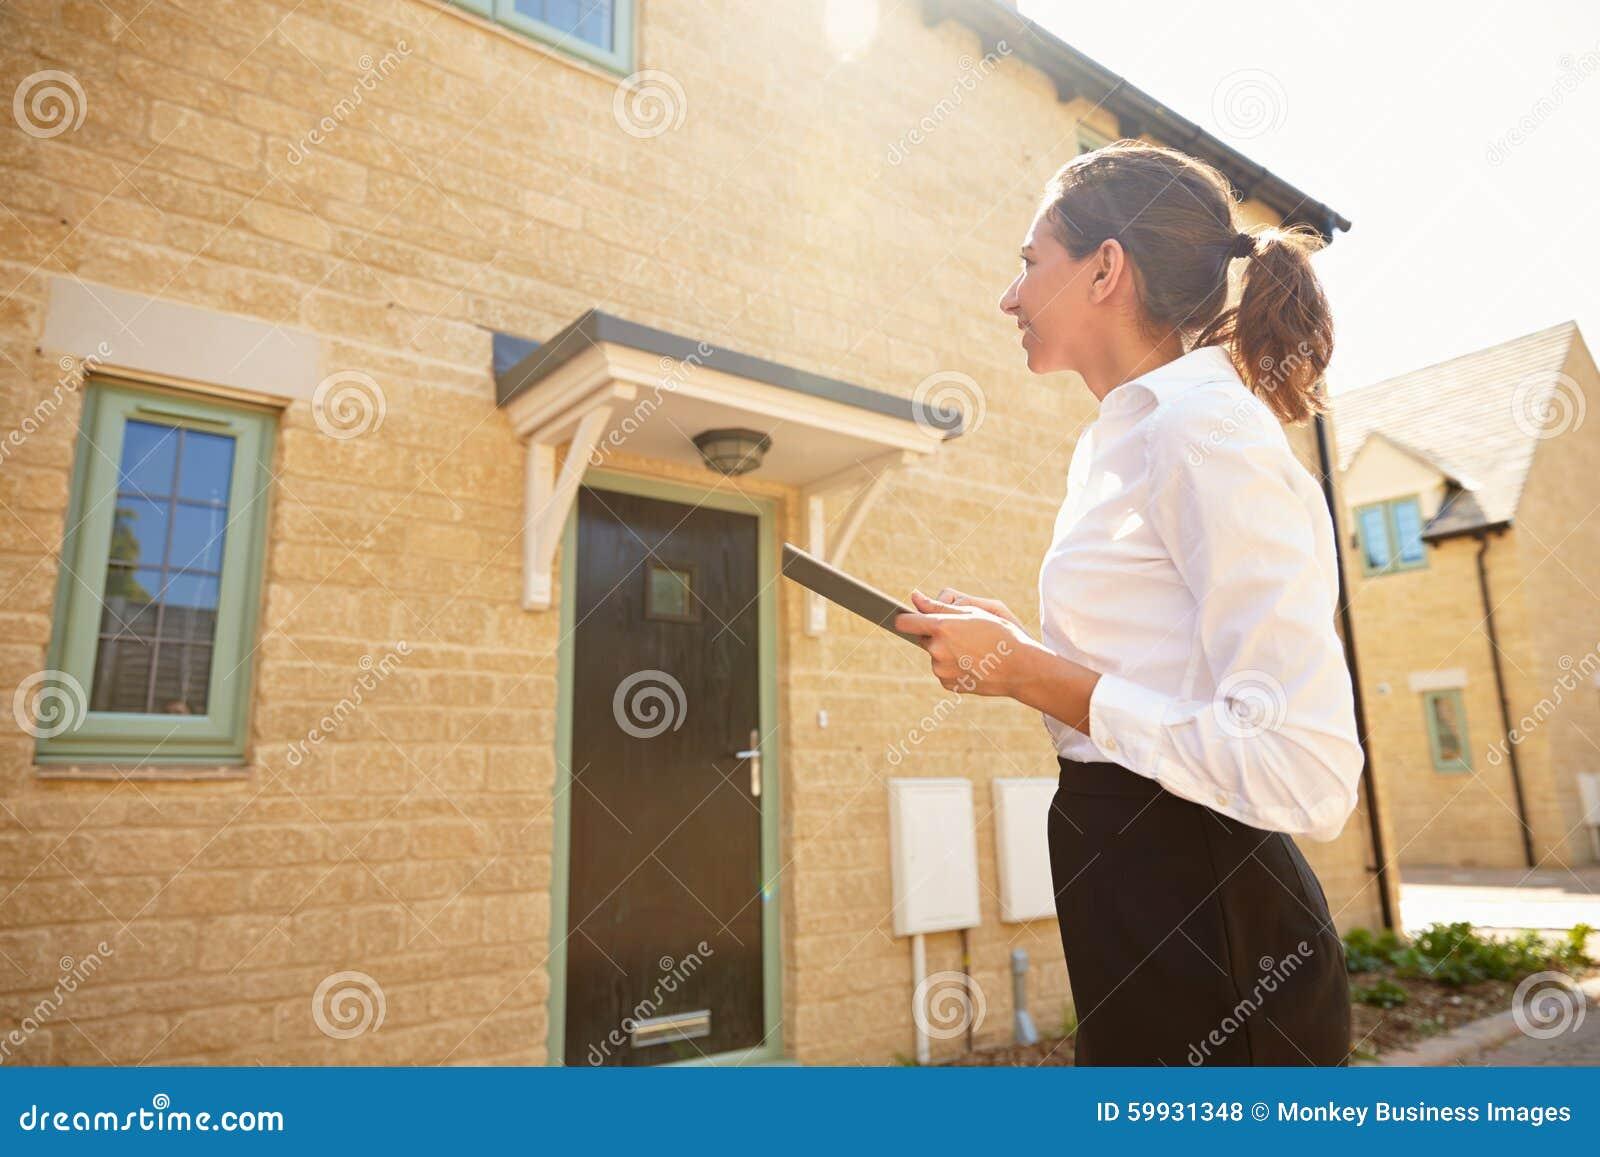 Agente inmobiliario de sexo femenino que mira un exterior de la casa